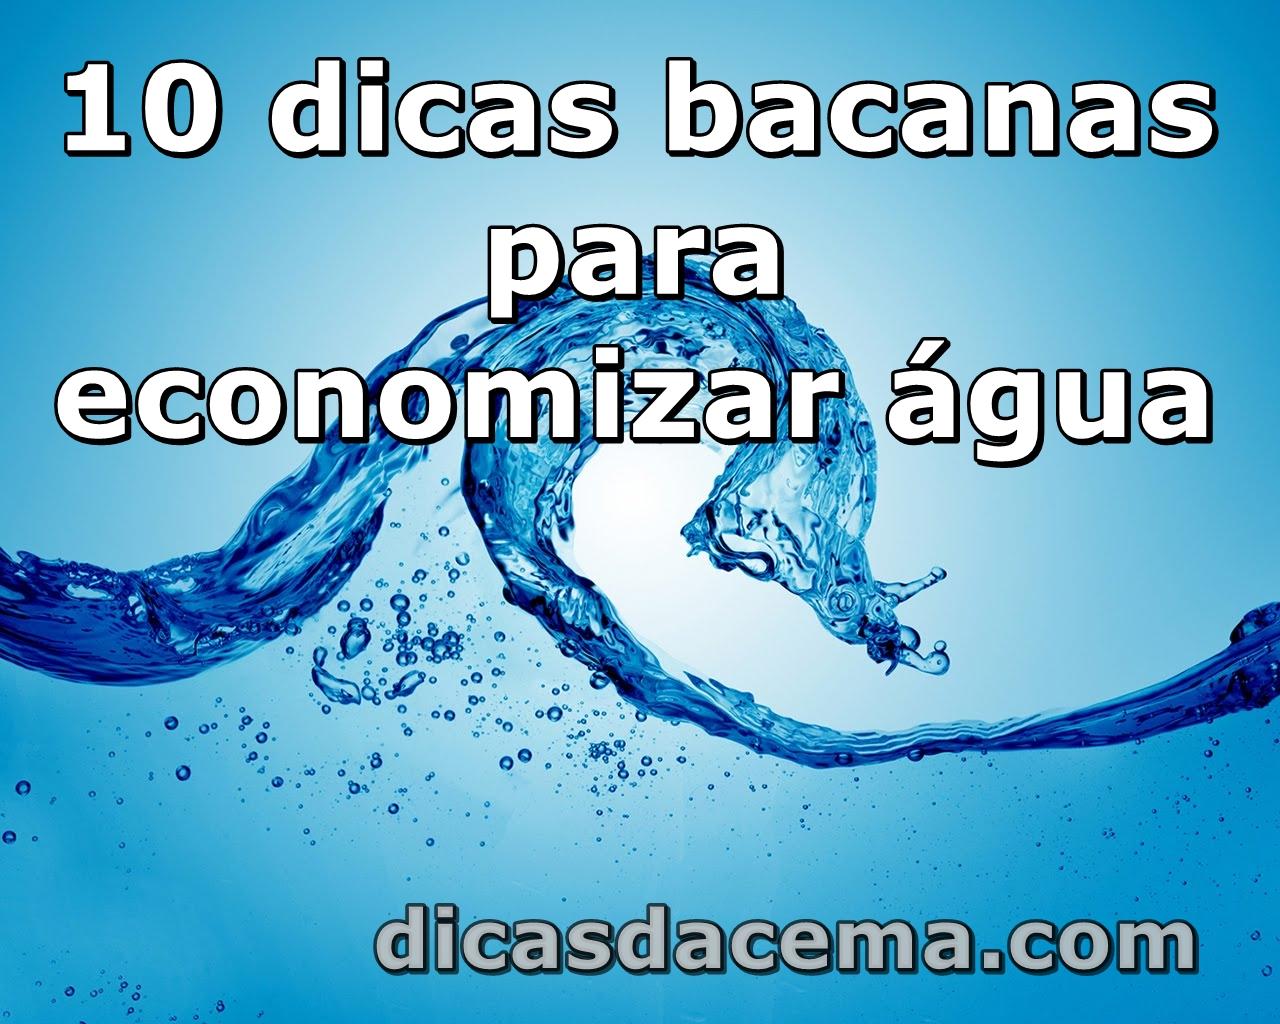 10-dicas-bacanas-para-economizar-água-capa